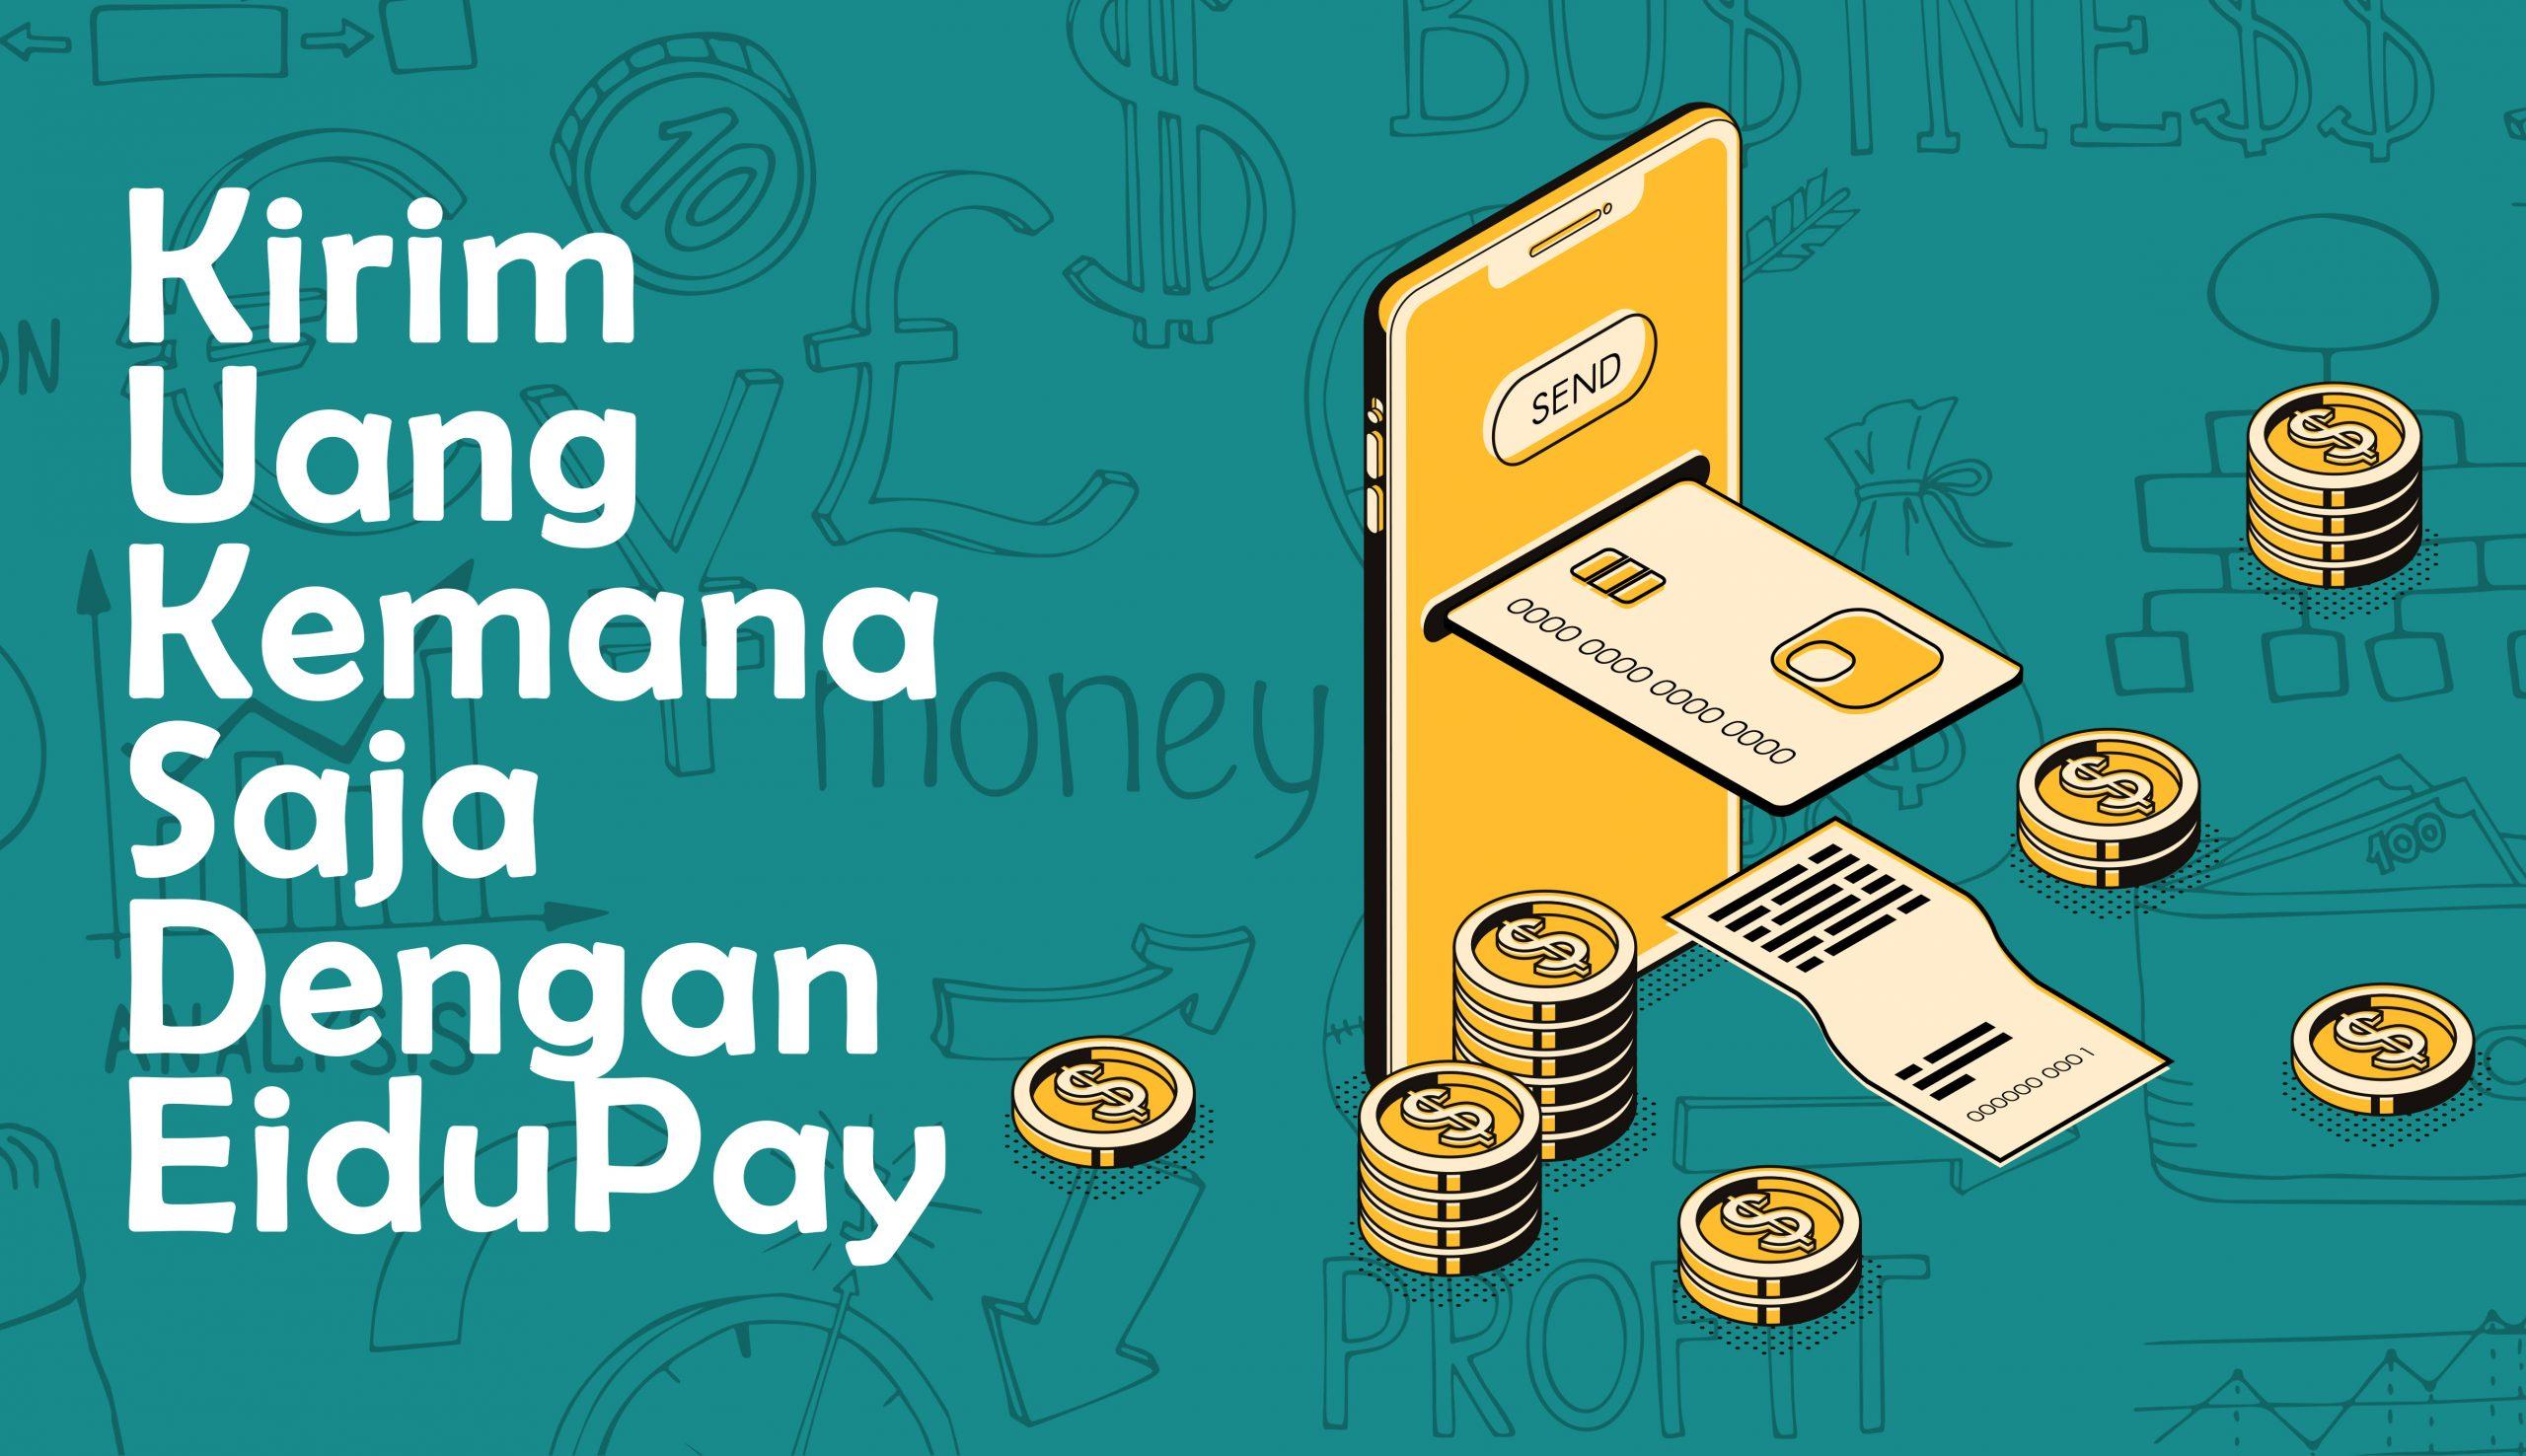 Kirim Uang Kemana Saja Dengan EiduPay